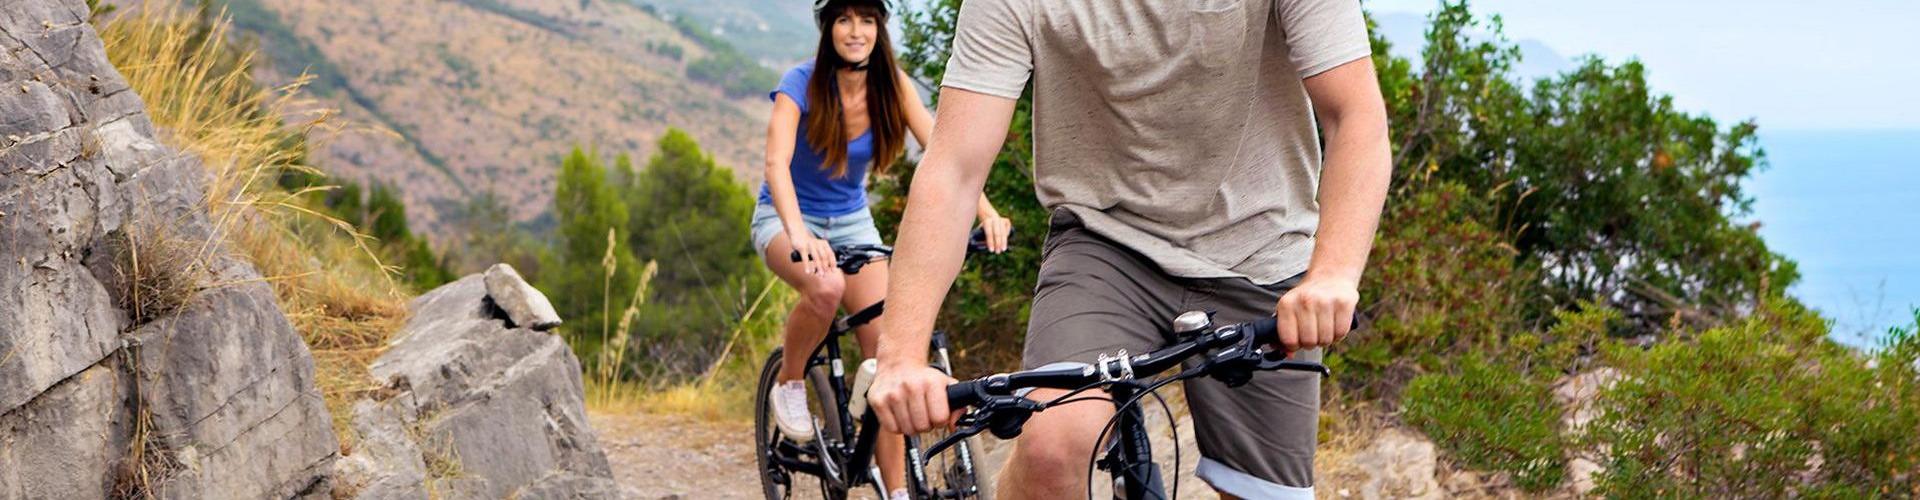 Wycieczki rowerowe i zwiedzanie segwayem